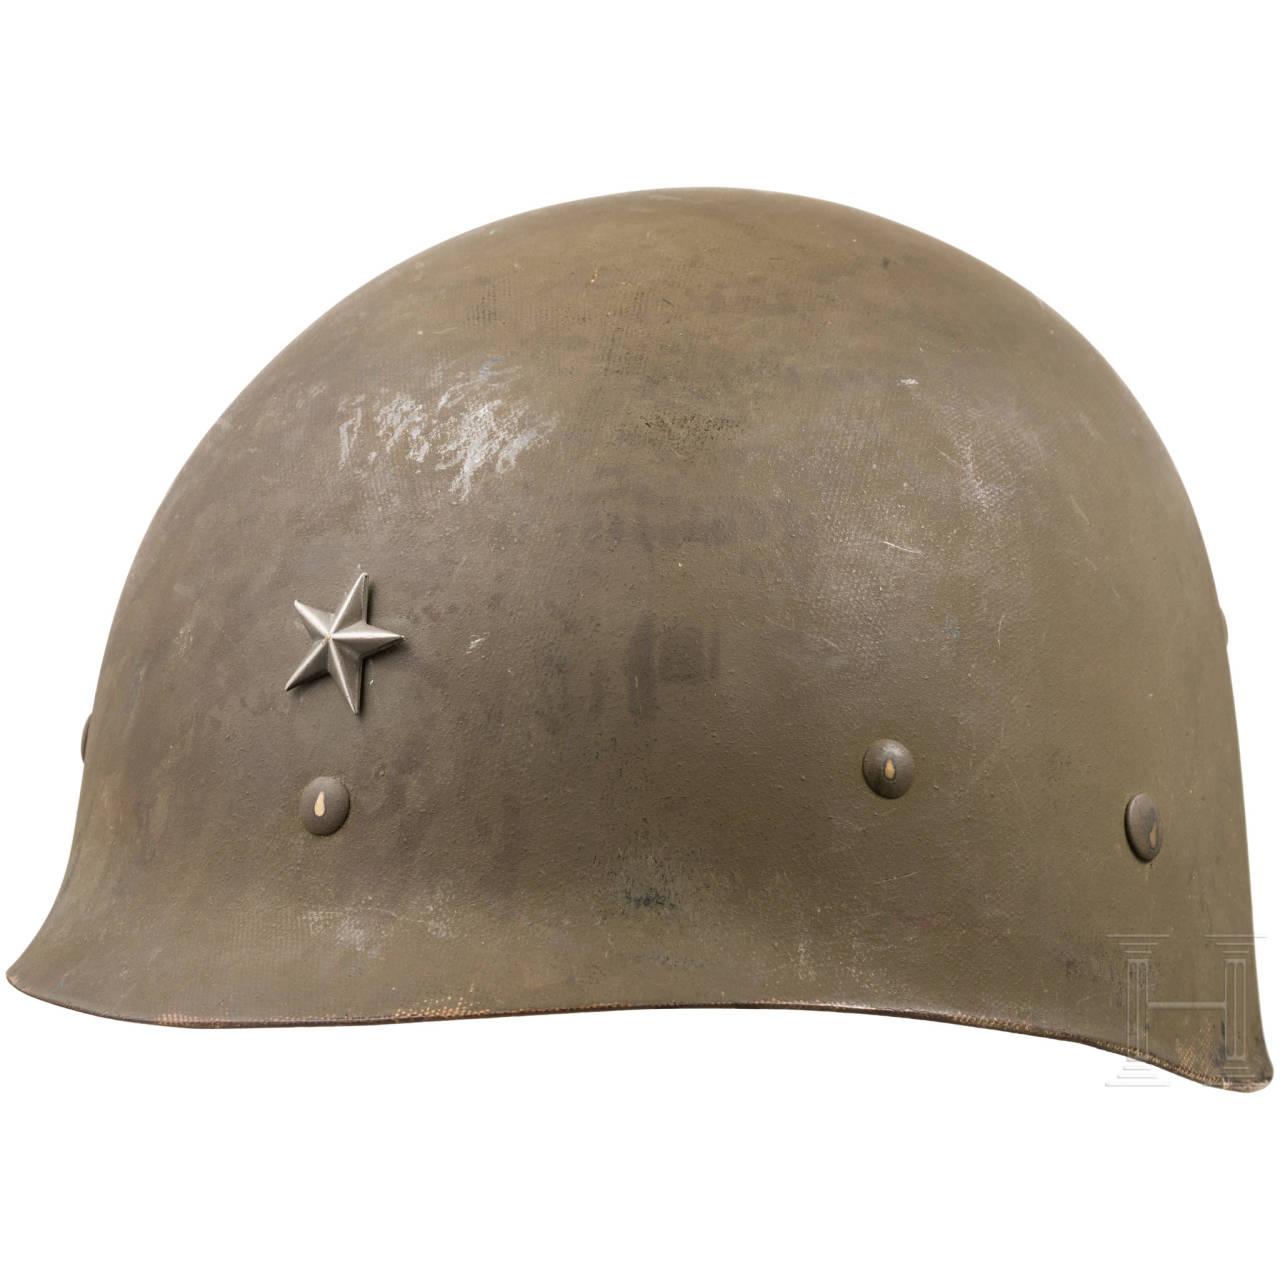 A USM 1 helmet liner for a brigadier, 1940s